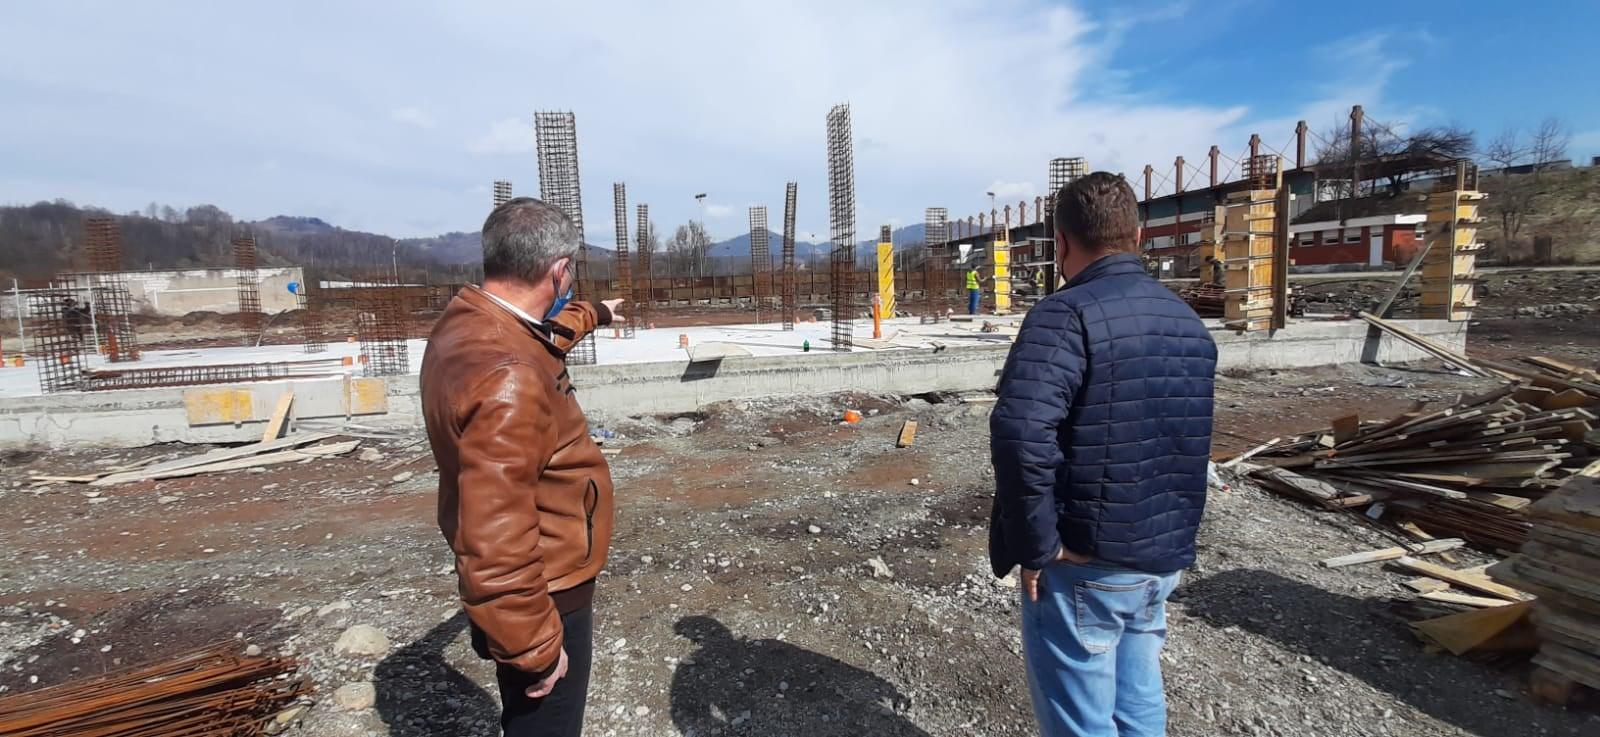 Lucrări în grafic la noua bază sportivă din Petroşani. Teren cu 500 de locuri în tribună şi instalaţie de nocturnă